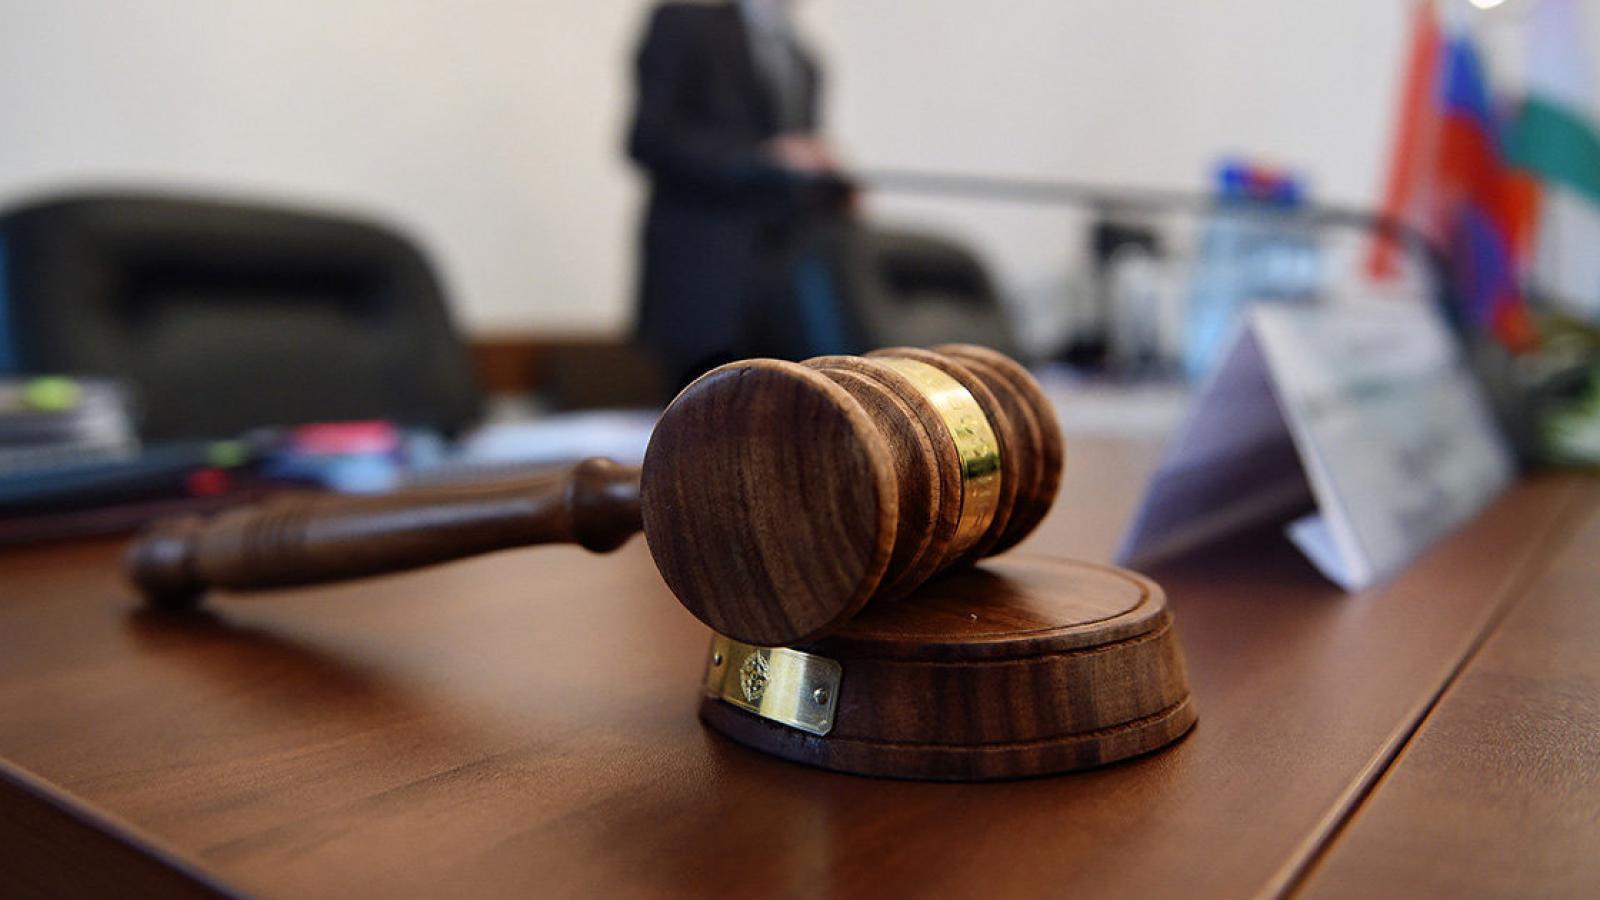 Директора сети стоматологических клиник осудили за махинации со средствами ОМС